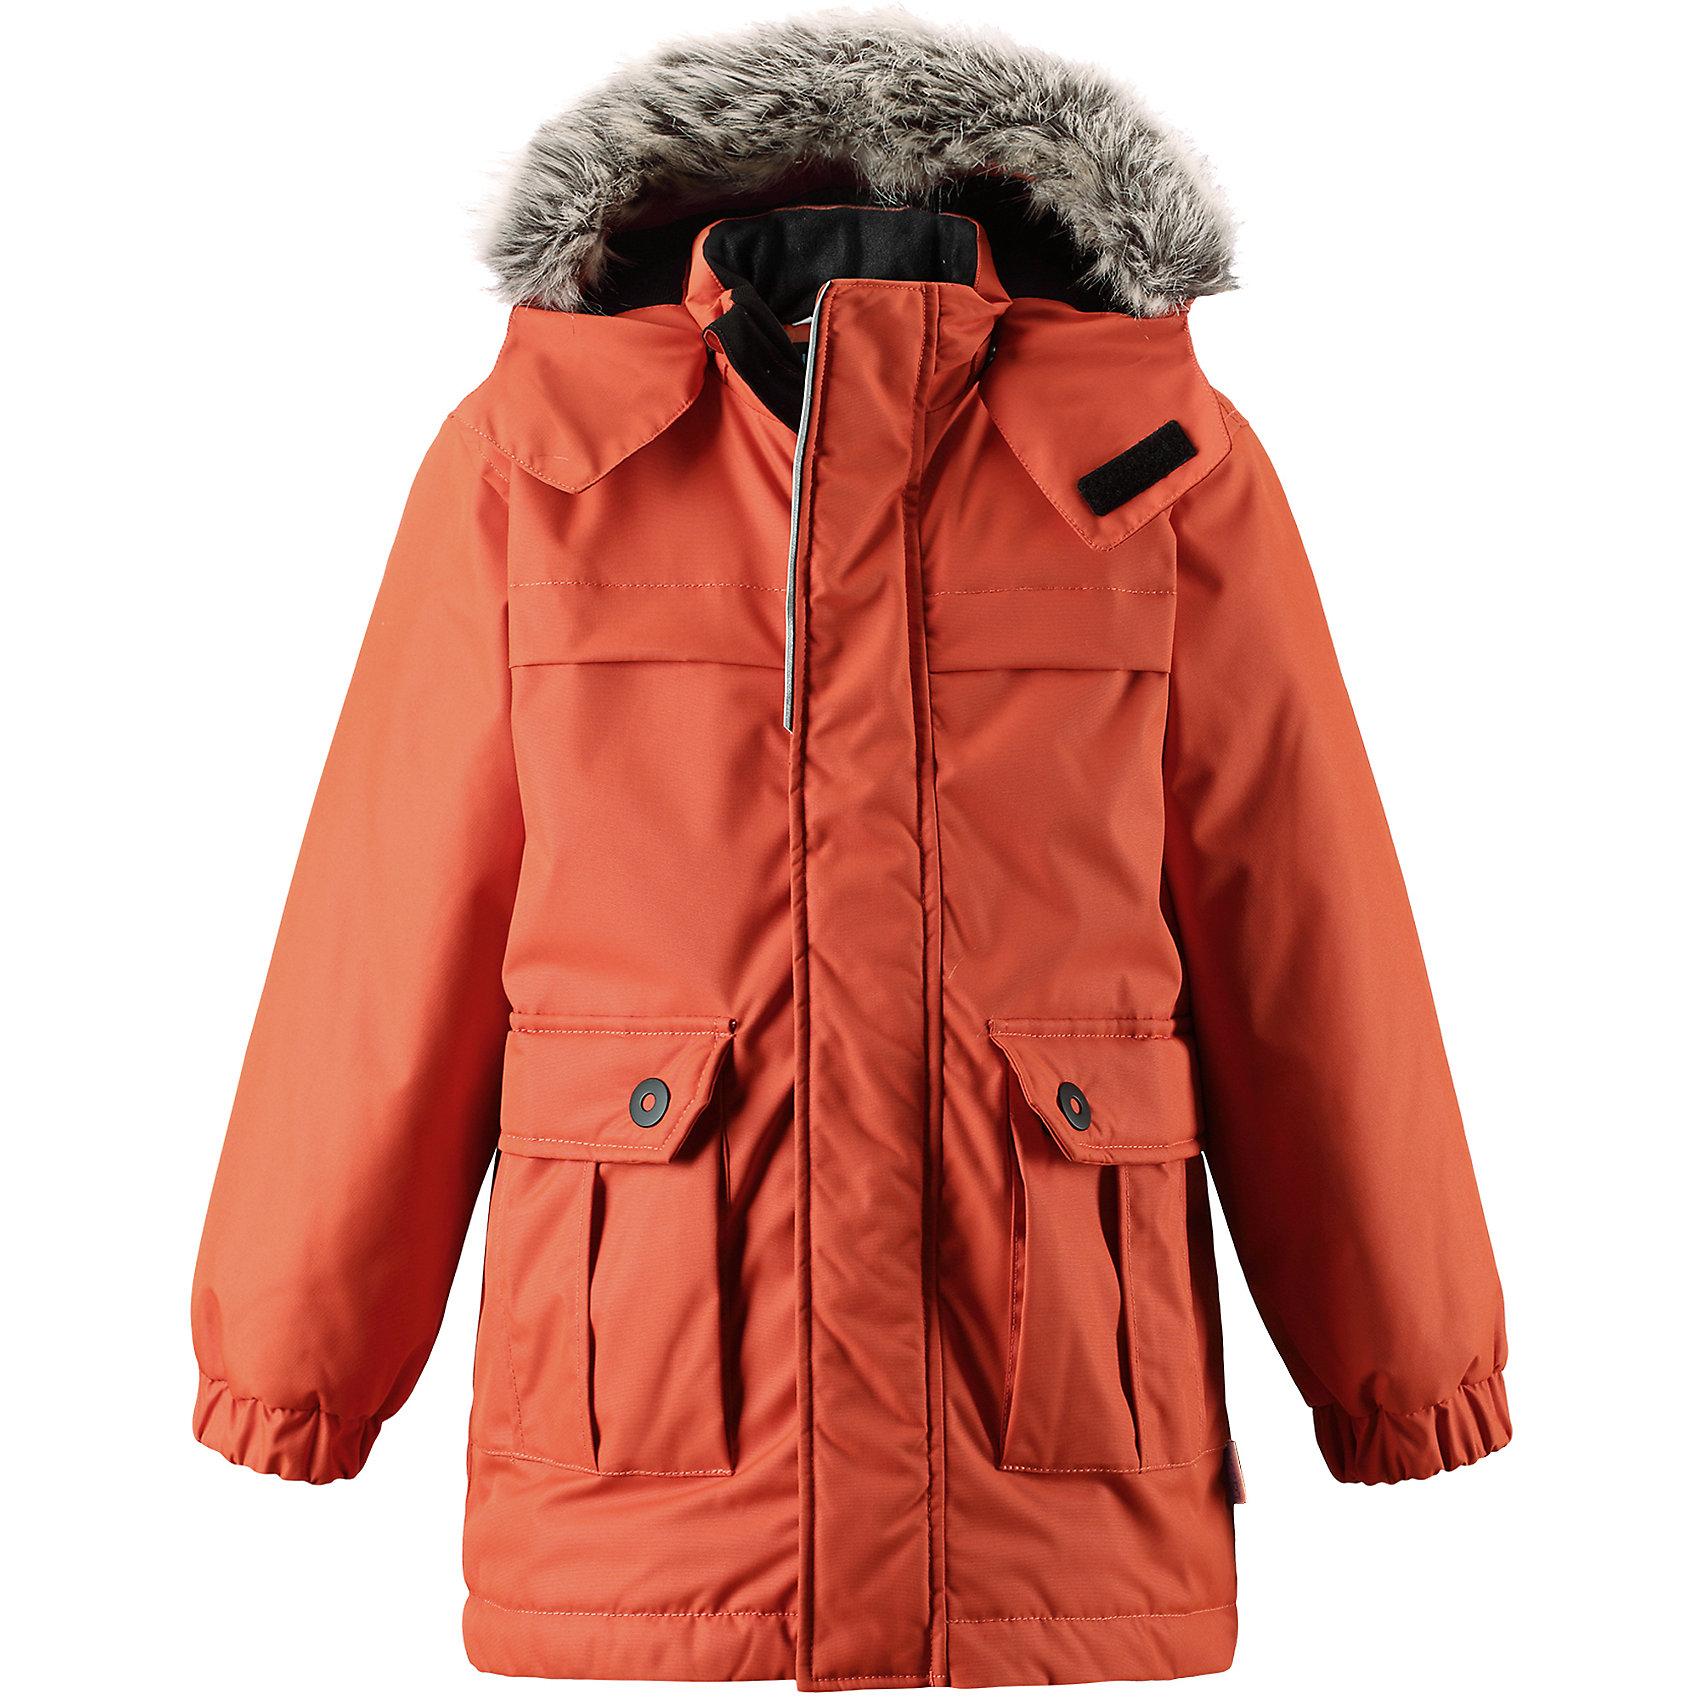 Куртка Lassie для мальчикаОдежда<br>Эта повседневная, но очень стильная детская зимняя парка идеальна для снежных и морозных зимних дней! Удлиненная задняя часть обеспечивает дополнительное утепление, а отделка из искусственного меха защищает нежную детскую кожу от морозного ветра. Съемный капюшон безопасен во время игр на свежем воздухе. Большие карманы с клапанами сохранят ключи от дома и другие важные мелочи.<br>Состав:<br>100% Полиэстер<br><br>Ширина мм: 356<br>Глубина мм: 10<br>Высота мм: 245<br>Вес г: 519<br>Цвет: оранжевый<br>Возраст от месяцев: 18<br>Возраст до месяцев: 24<br>Пол: Мужской<br>Возраст: Детский<br>Размер: 92,98,104,110,116,122,128,134,140<br>SKU: 6927551